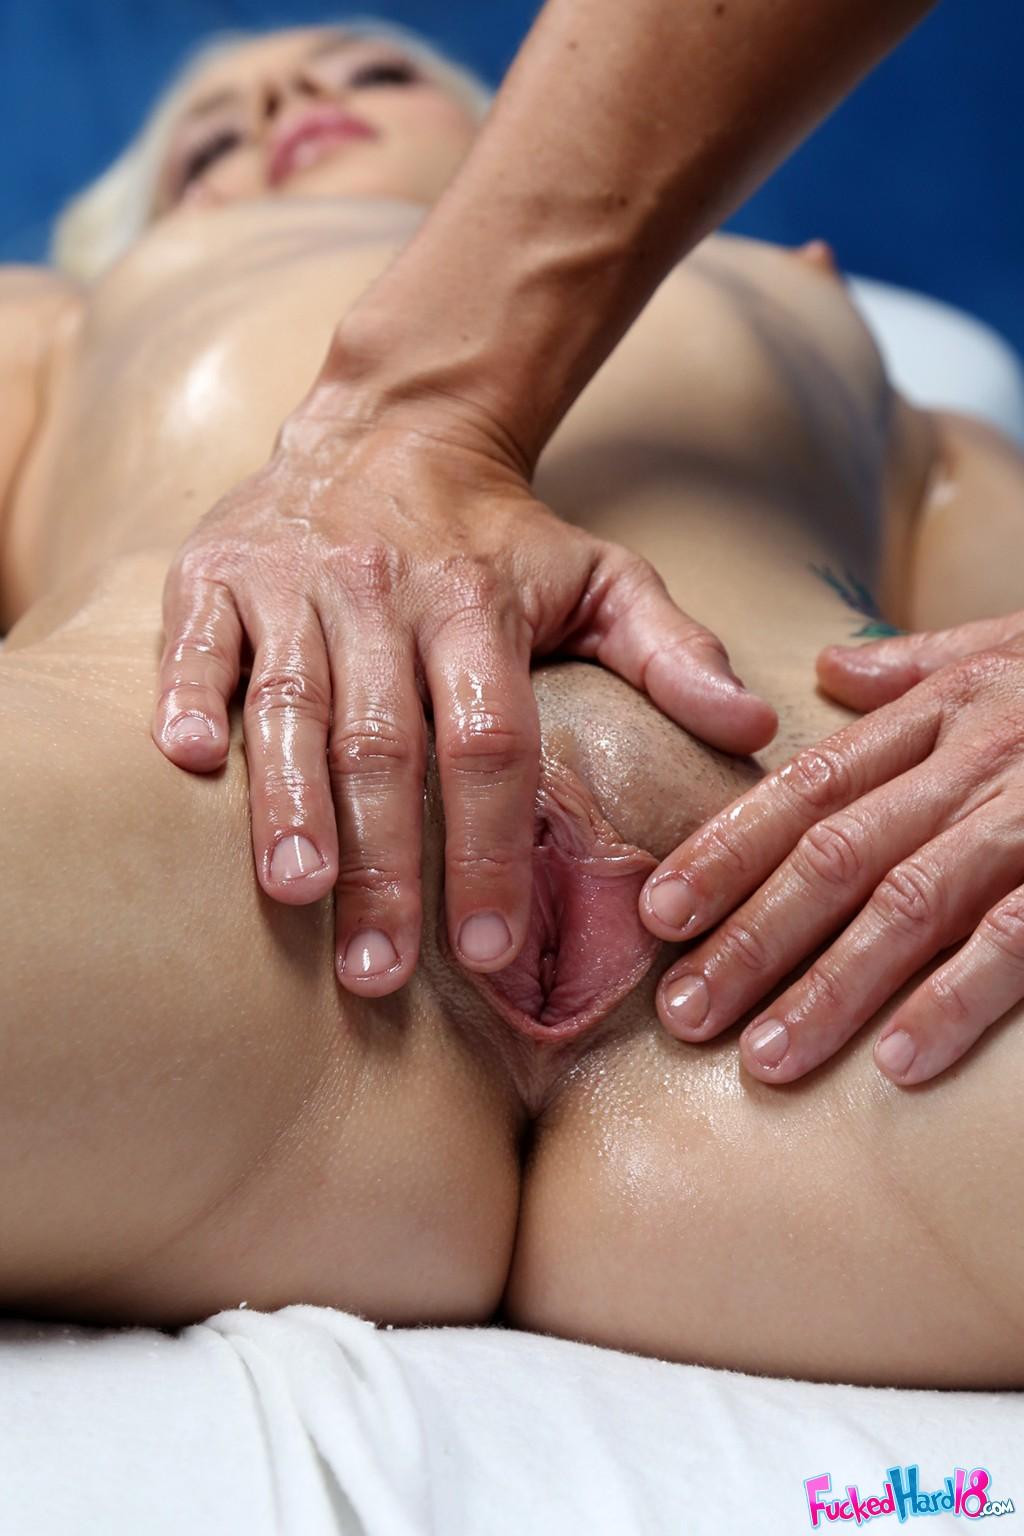 Порно массаж смотреть на айпаде фото галереи